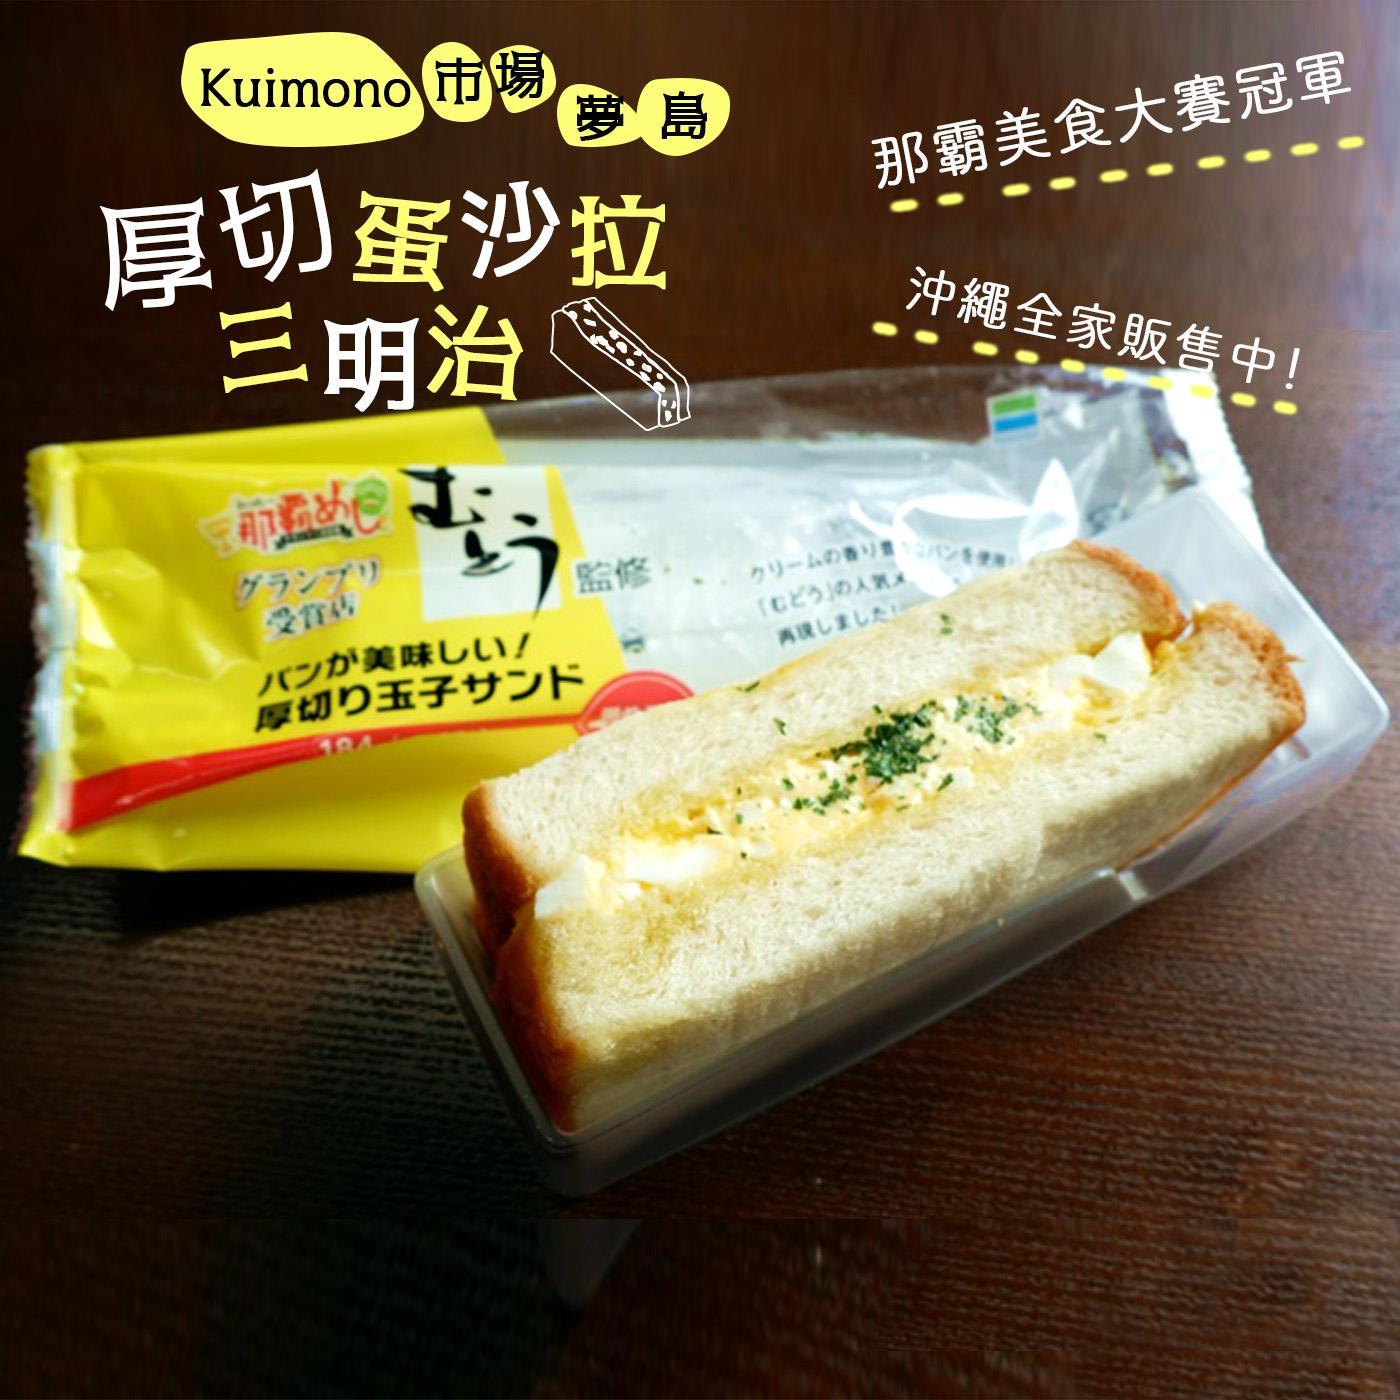 那霸美食大賞冠軍『Kuimono市場 夢島』的「厚切蛋沙拉三明治」,在沖繩全家販售啦!